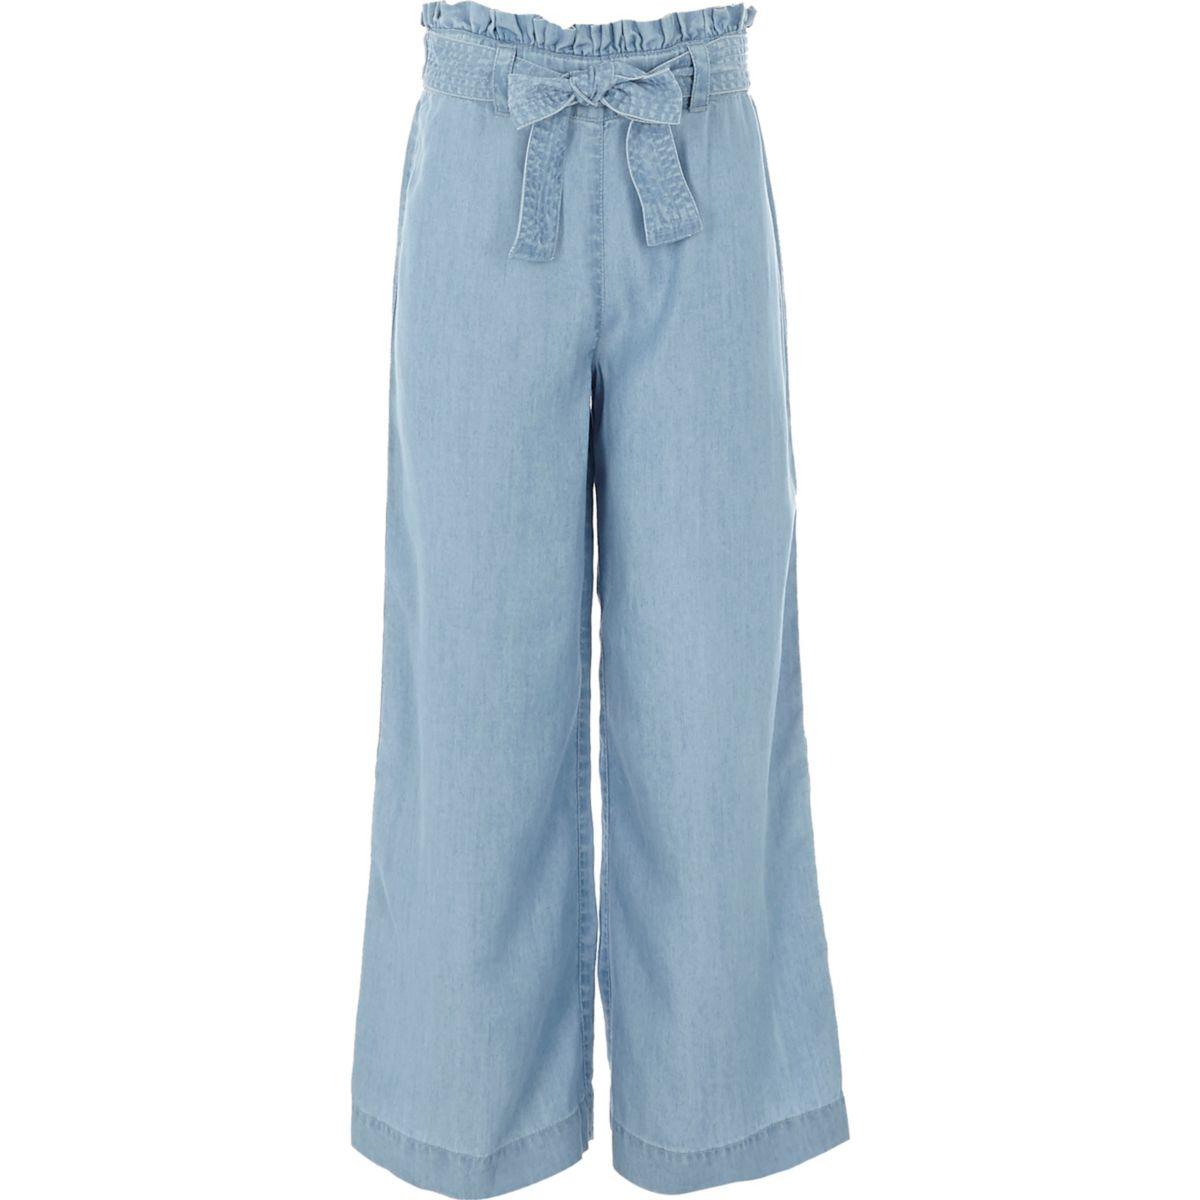 Girls light blue wide leg denim pants